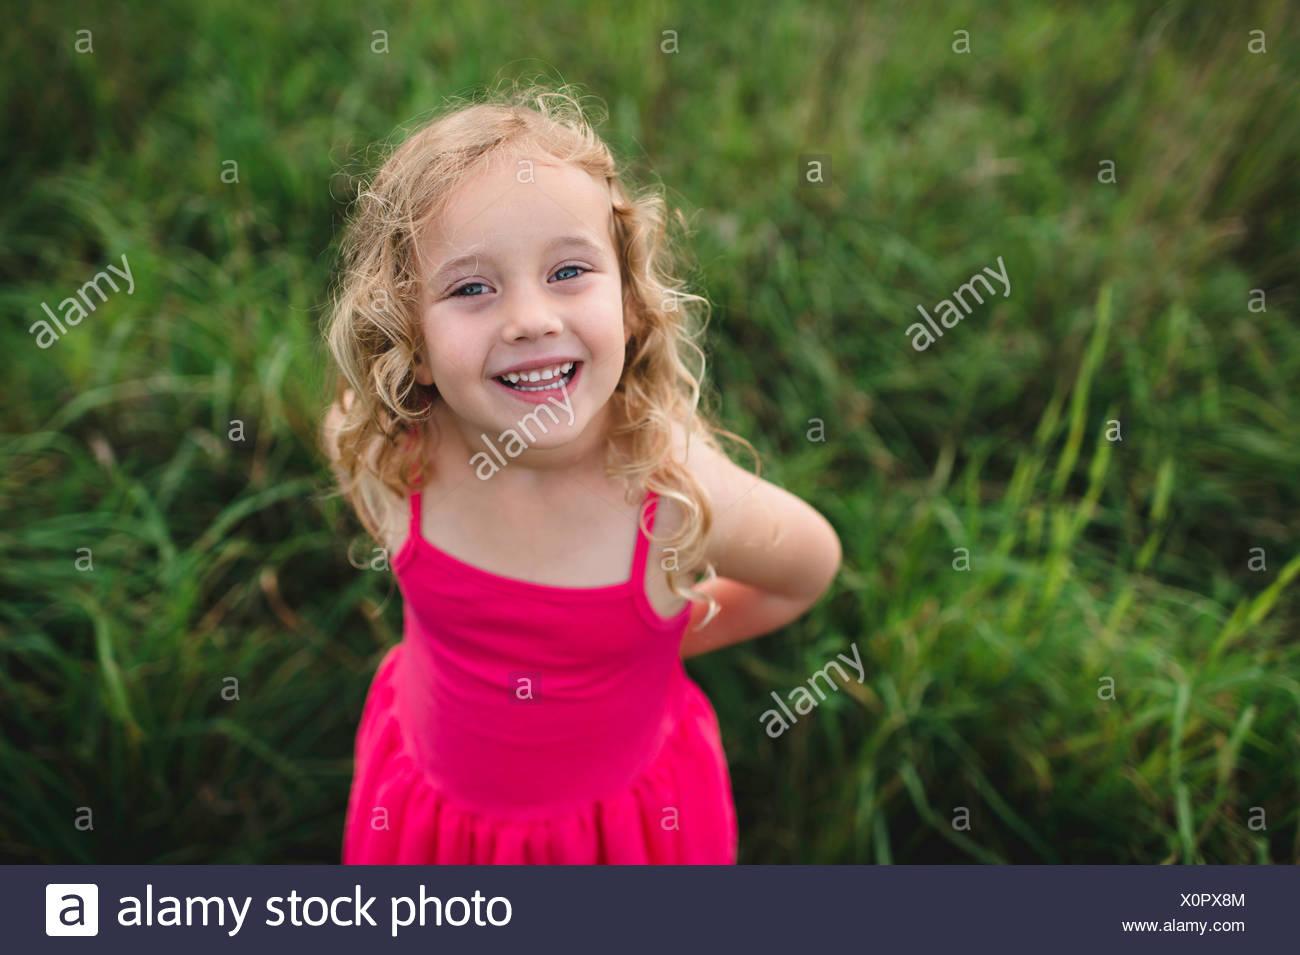 Portrait von Blonde Mädchen im Gras Stockbild